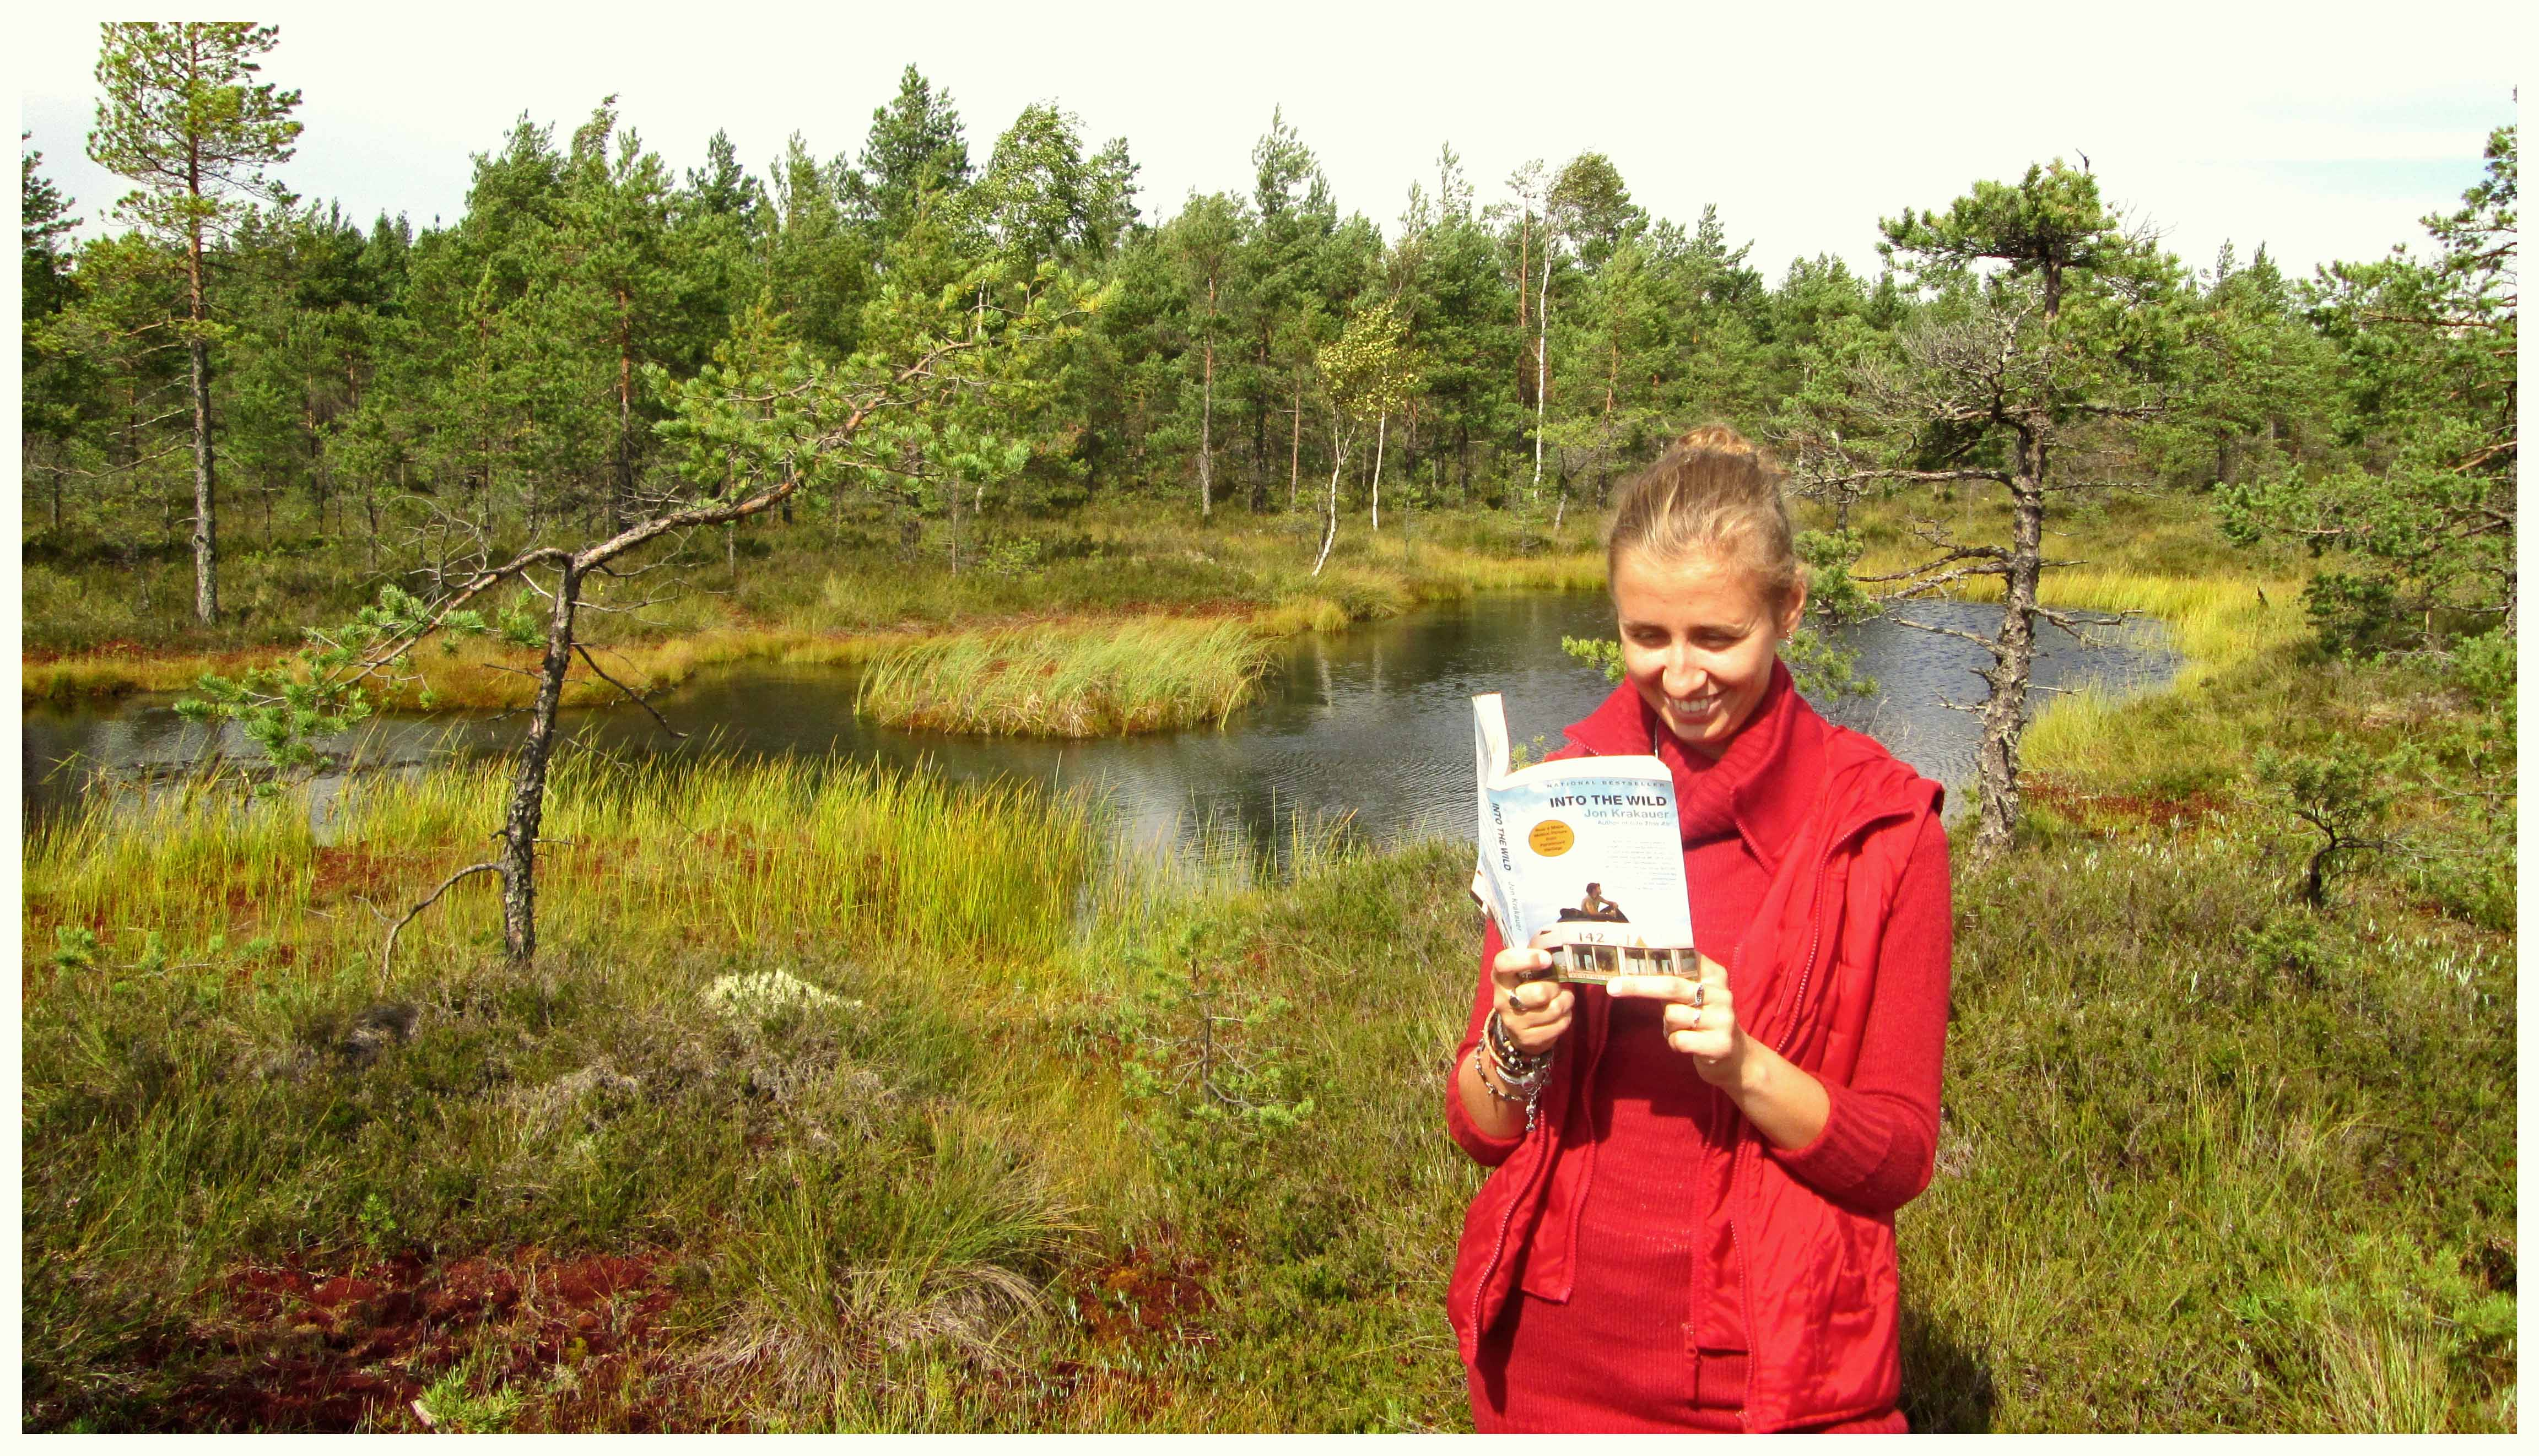 """Rändajahingega juhatuse assistent Eeva, kes oma viimasel reisil loetud raamatust """"Into the Wild"""" teile täna kirjutab. Foto autor: ...."""